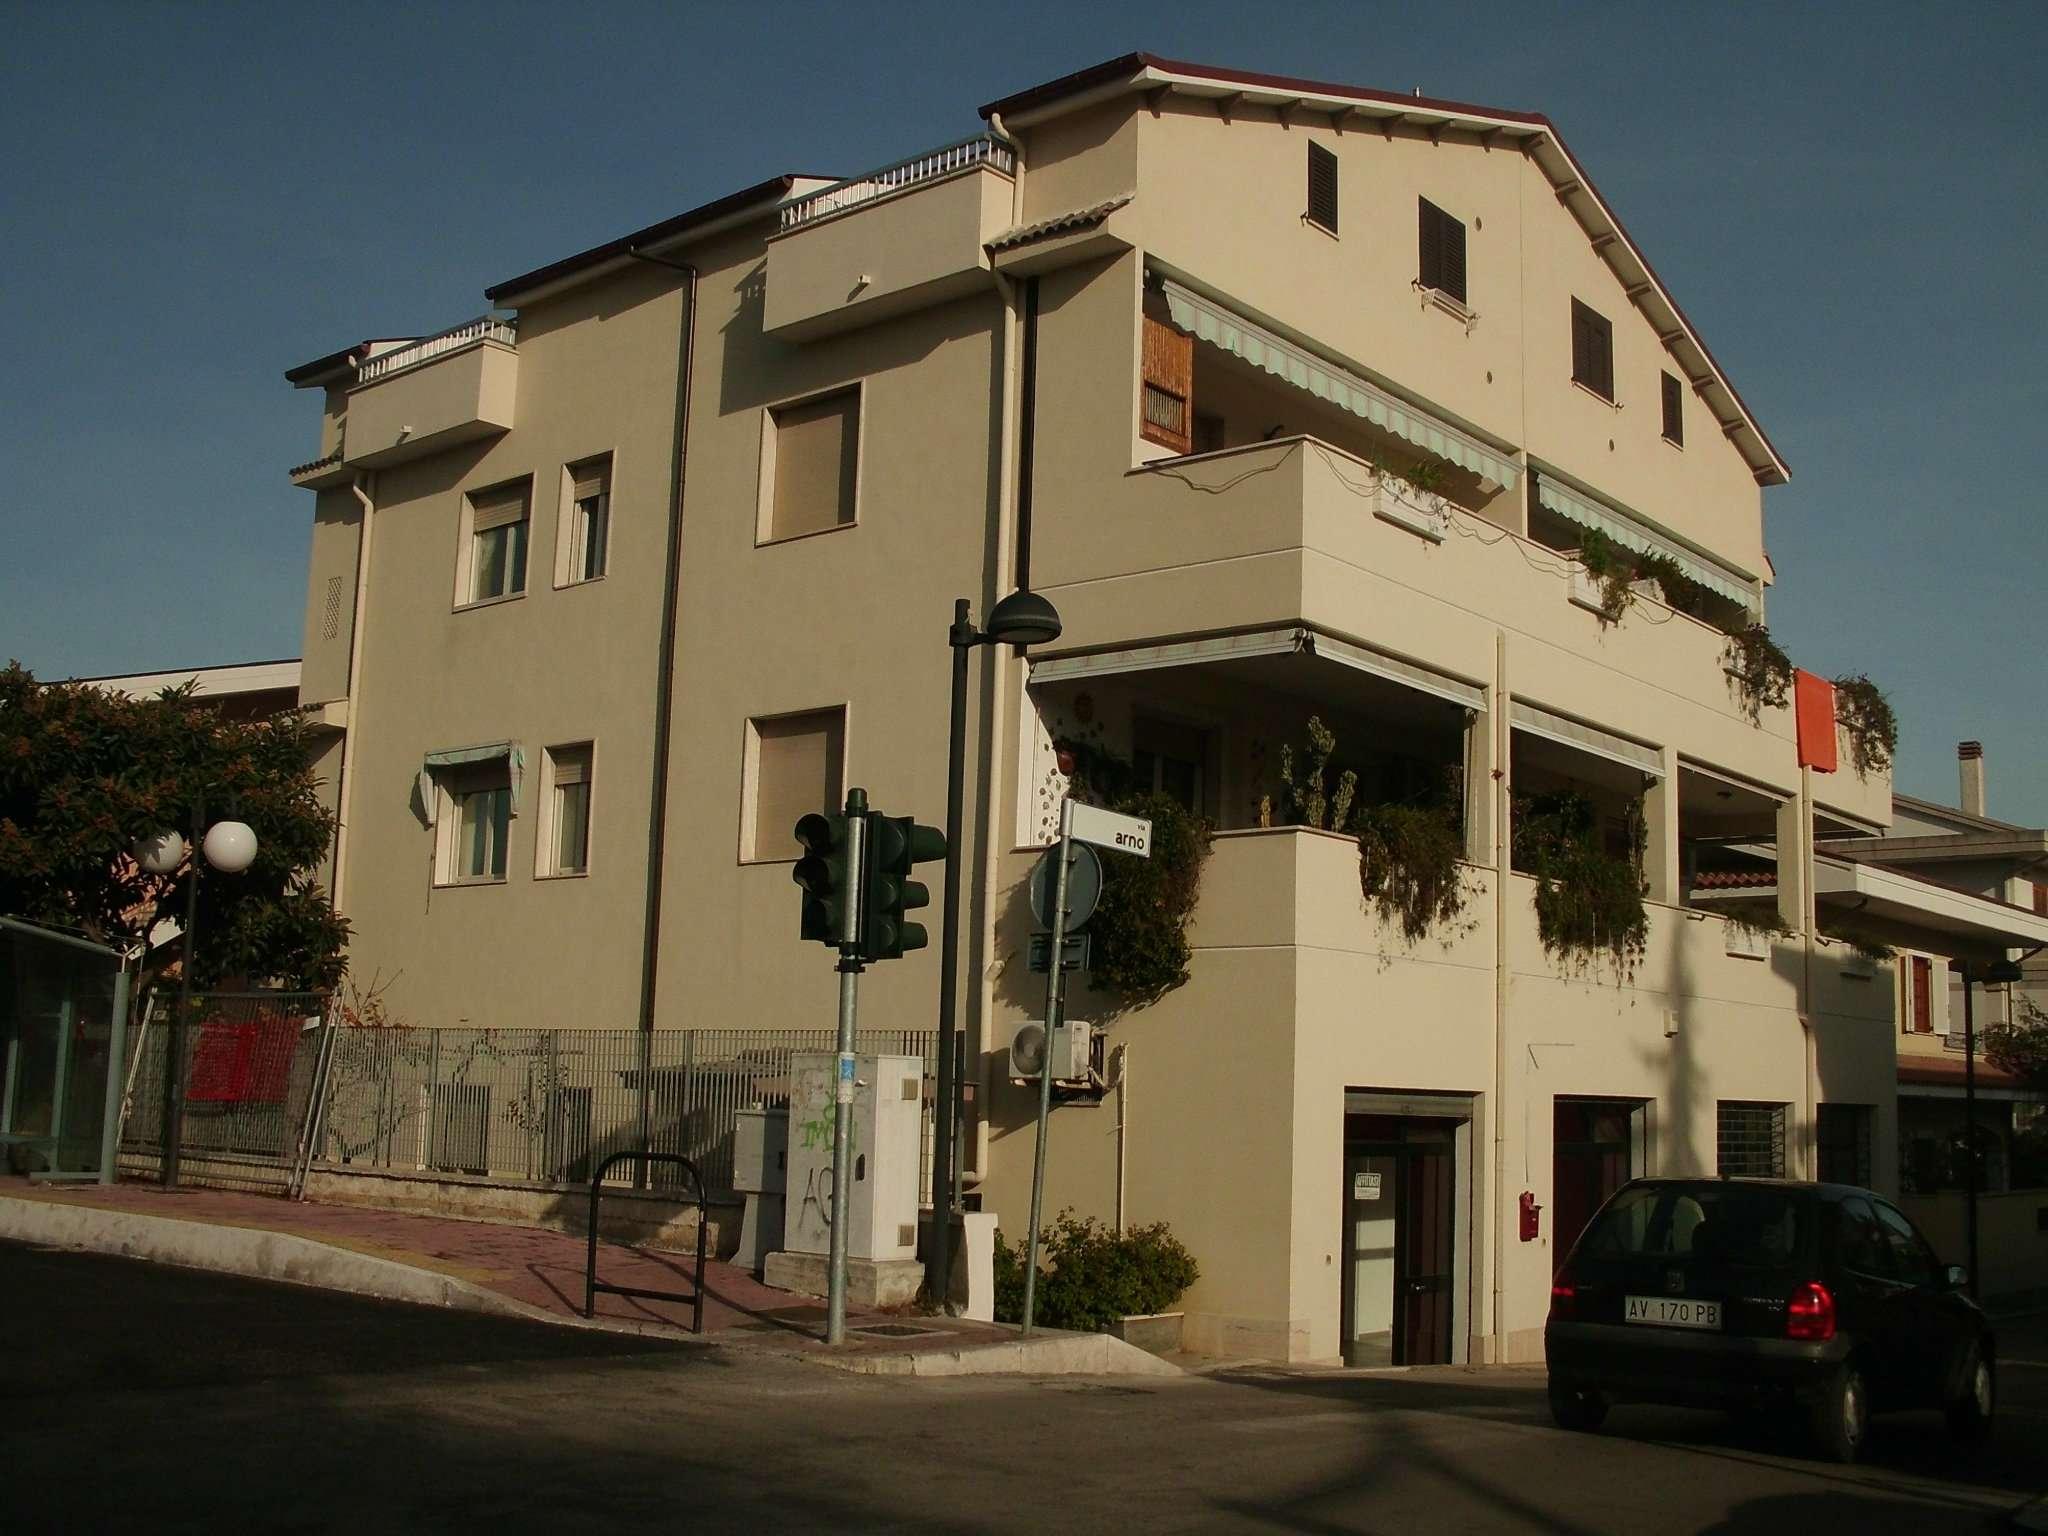 Attico / Mansarda in affitto a Montesilvano, 2 locali, prezzo € 400 | Cambio Casa.it